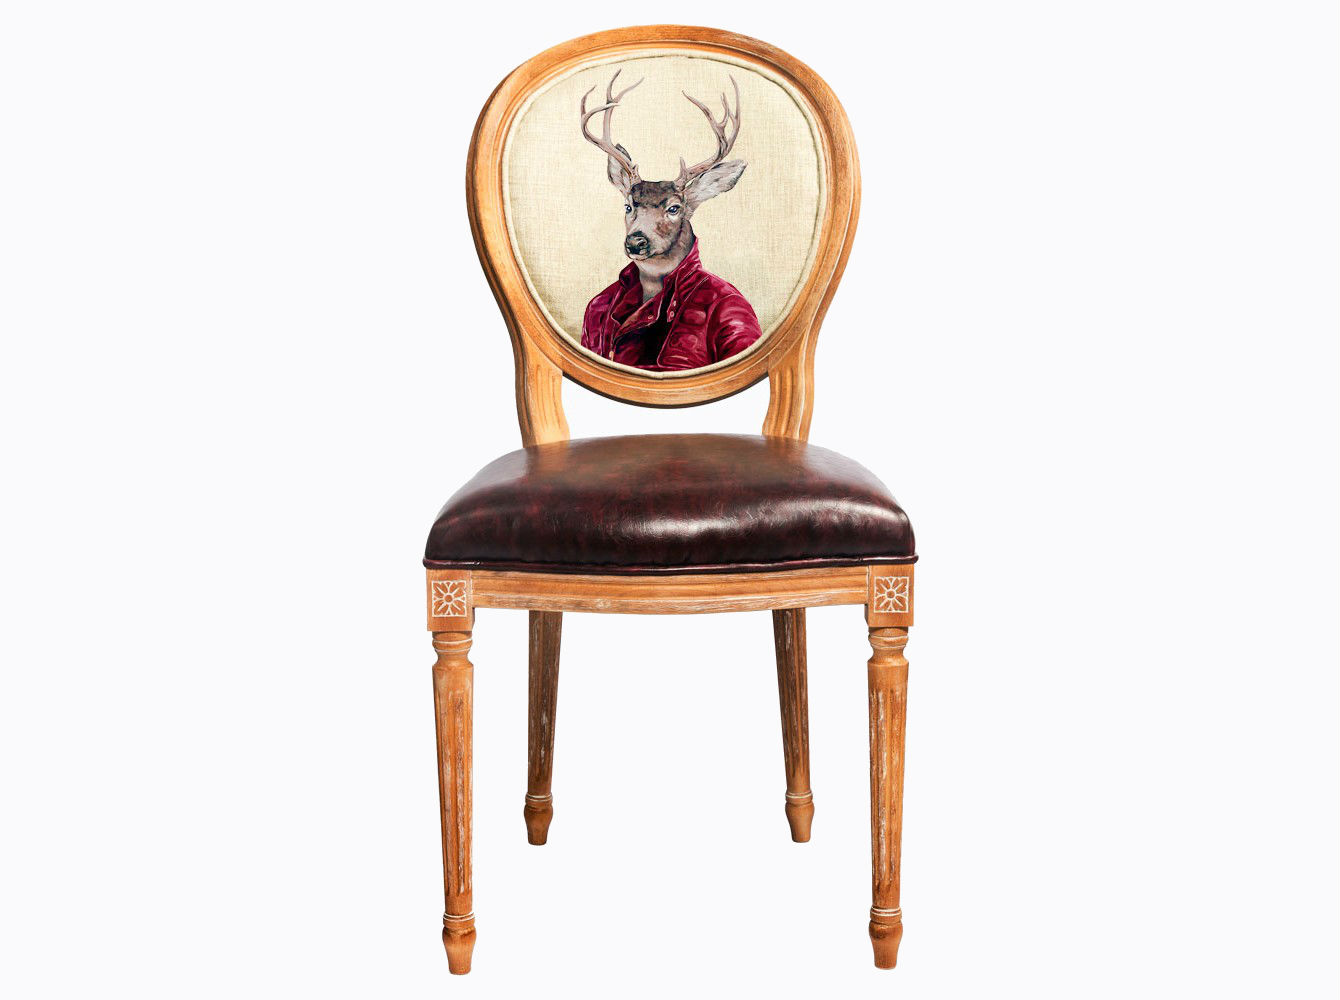 Стул «Мистер Благородный Олень»Обеденные стулья<br>Стул &amp;quot;Мистер Благородный Олень&amp;quot; - универсальное, но отборное решение гостиной, столовой, спальни, кабинета, холла и детской комнаты. Интерьер, одухотворяющий животный мир и сказки, стимулирует позитивный баланс и эмоциональную гармонию Вашего дома. Корпус стула &amp;quot;Мистер Благородный Олень&amp;quot; изготовлен из натурального бука. Среди европейских пород бук считается самым прочным и долговечным материалом. В дизайне &amp;quot;Мистер Благородный Олень&amp;quot; резьба играет ведущую роль: стул обильно украшен изящным цветочным узором, желобками и кольцами, выточенными с ювелирной меткостью.<br>Дизайн стула создан эффектом экстравагантных контрастных сочетаний. Блестящее шоколадное сиденье объединилось со светло-бежевой льняной спинкой, а королевский силуэт эпохи Луи-Филиппа - с рисунком в жанре современного фэнтези.<br>Приобретая такую модель, можно быть уверенными в её эклектичном единстве с роскошным &amp;quot;ренессансом&amp;quot; и изнеженным &amp;quot;ампиром&amp;quot;, аскетичным &amp;quot;модерном&amp;quot; и салонным &amp;quot;ар-деко&amp;quot;.<br>Благородная фактура натурального дерева вселяют атмосферу тепла, спокойствия и уюта.&amp;lt;div&amp;gt;&amp;lt;br&amp;gt;&amp;lt;/div&amp;gt;&amp;lt;div&amp;gt;&amp;lt;span style=&amp;quot;line-height: 24.9999px;&amp;quot;&amp;gt;Материал обивки: экокожа.&amp;lt;/span&amp;gt;&amp;lt;br&amp;gt;&amp;lt;/div&amp;gt;<br><br>Material: Дерево<br>Width см: 47<br>Depth см: 50<br>Height см: 98